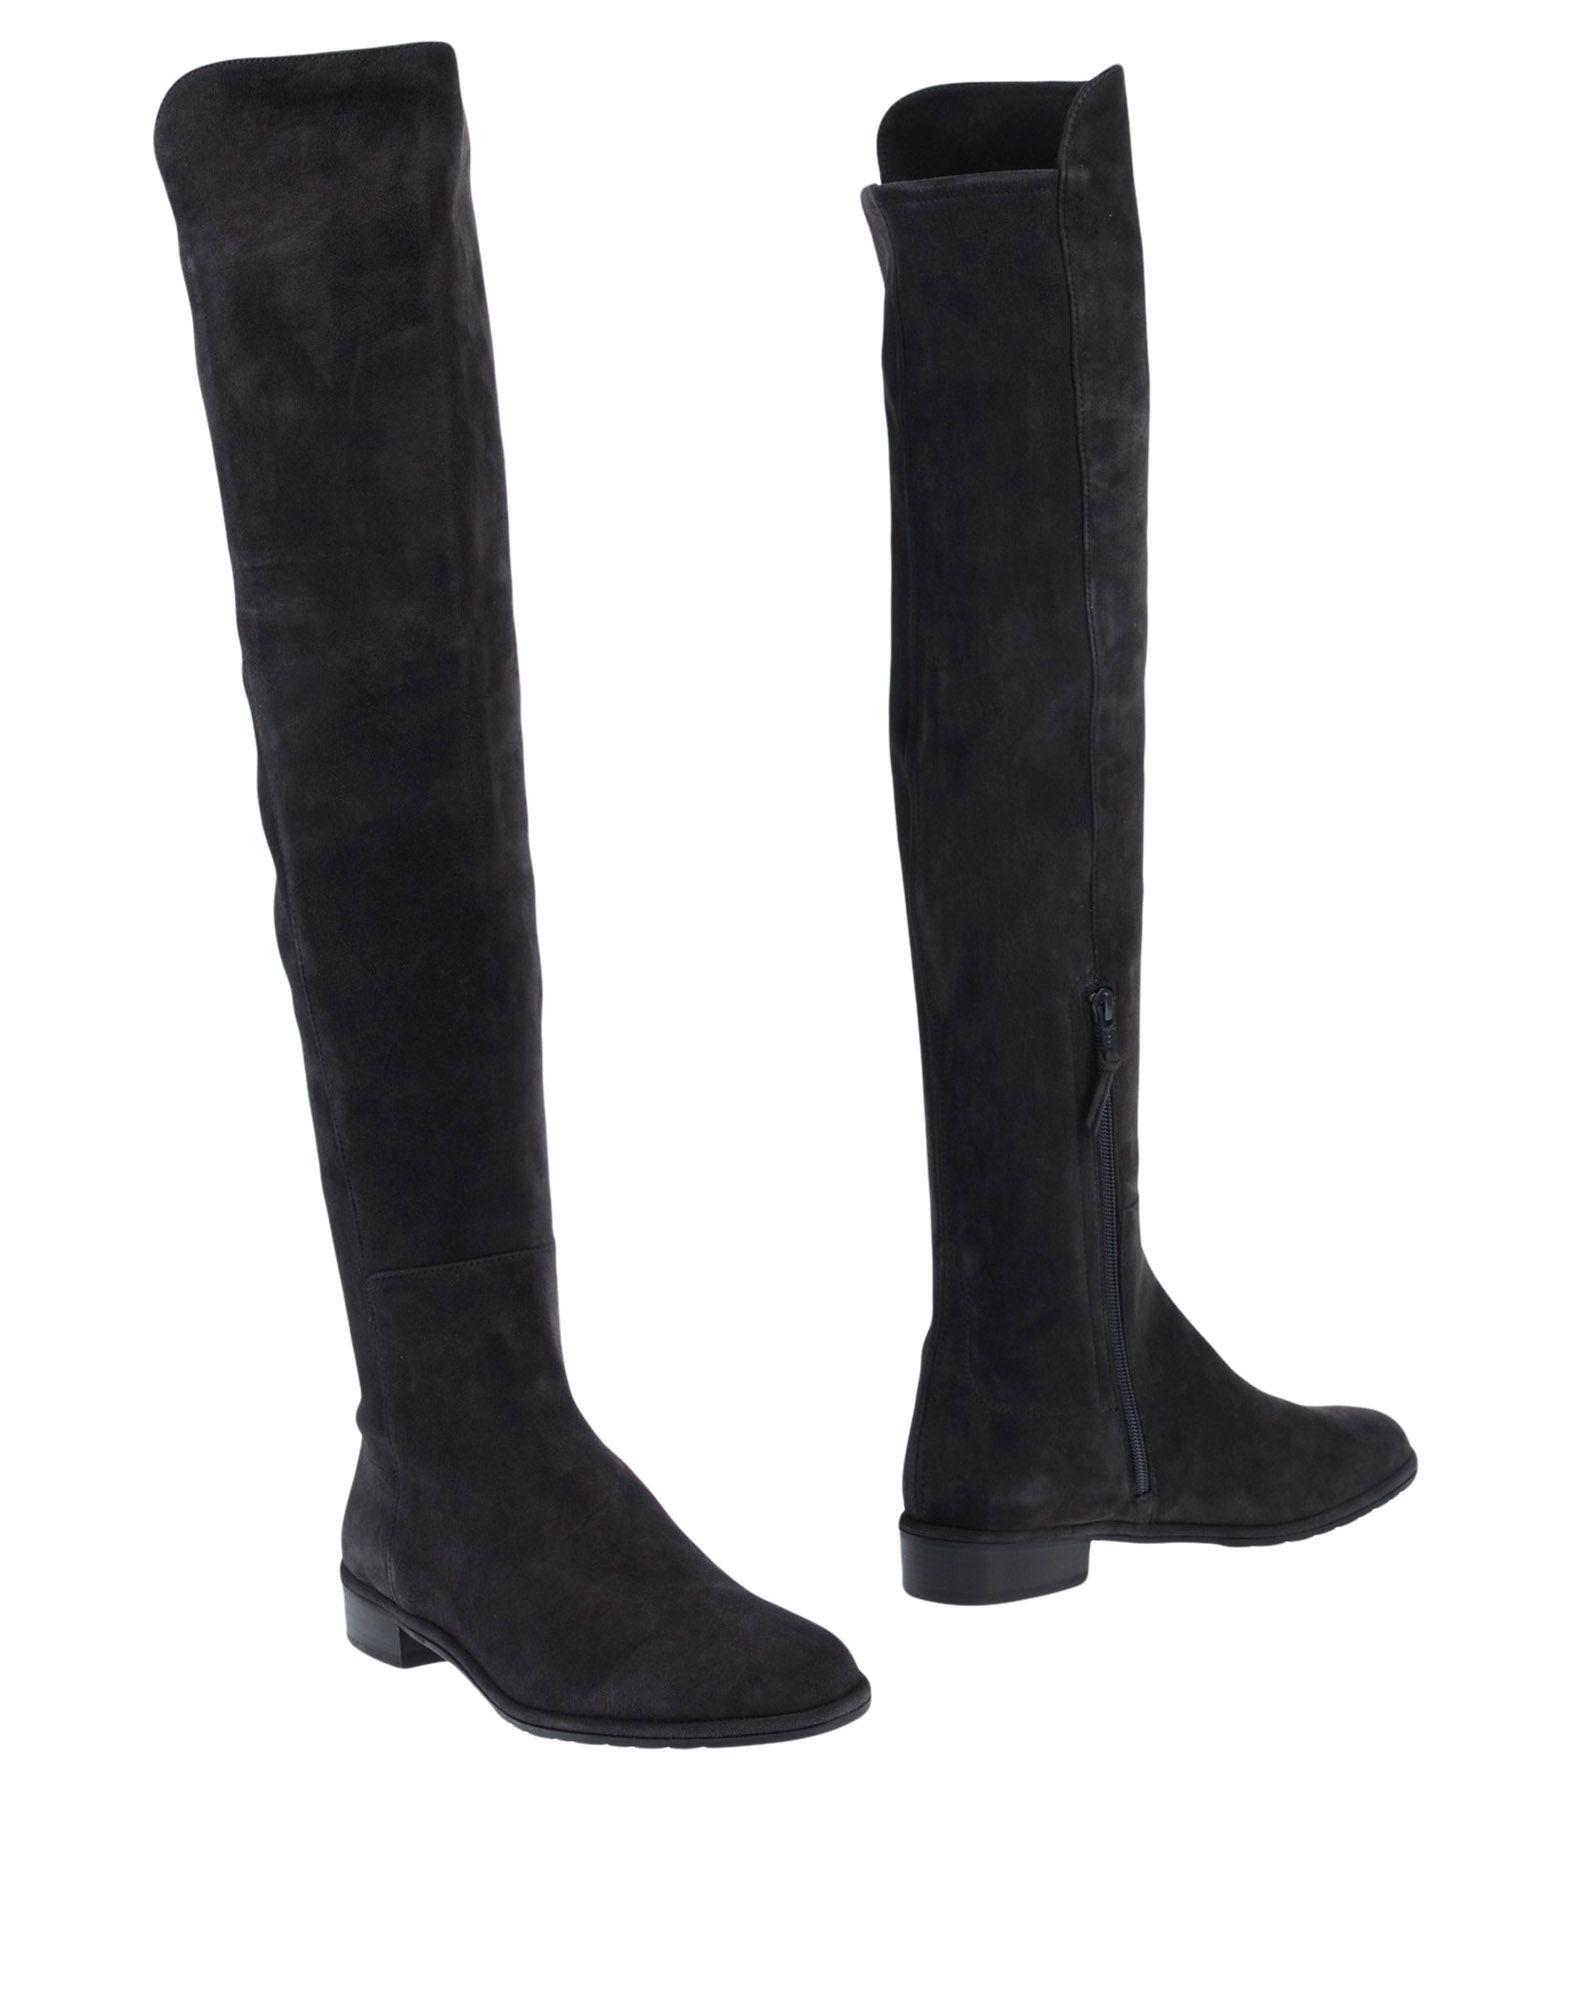 Stuart Weitzman Stiefel Damen  Schuhe 11505375CSGünstige gut aussehende Schuhe  bcb580